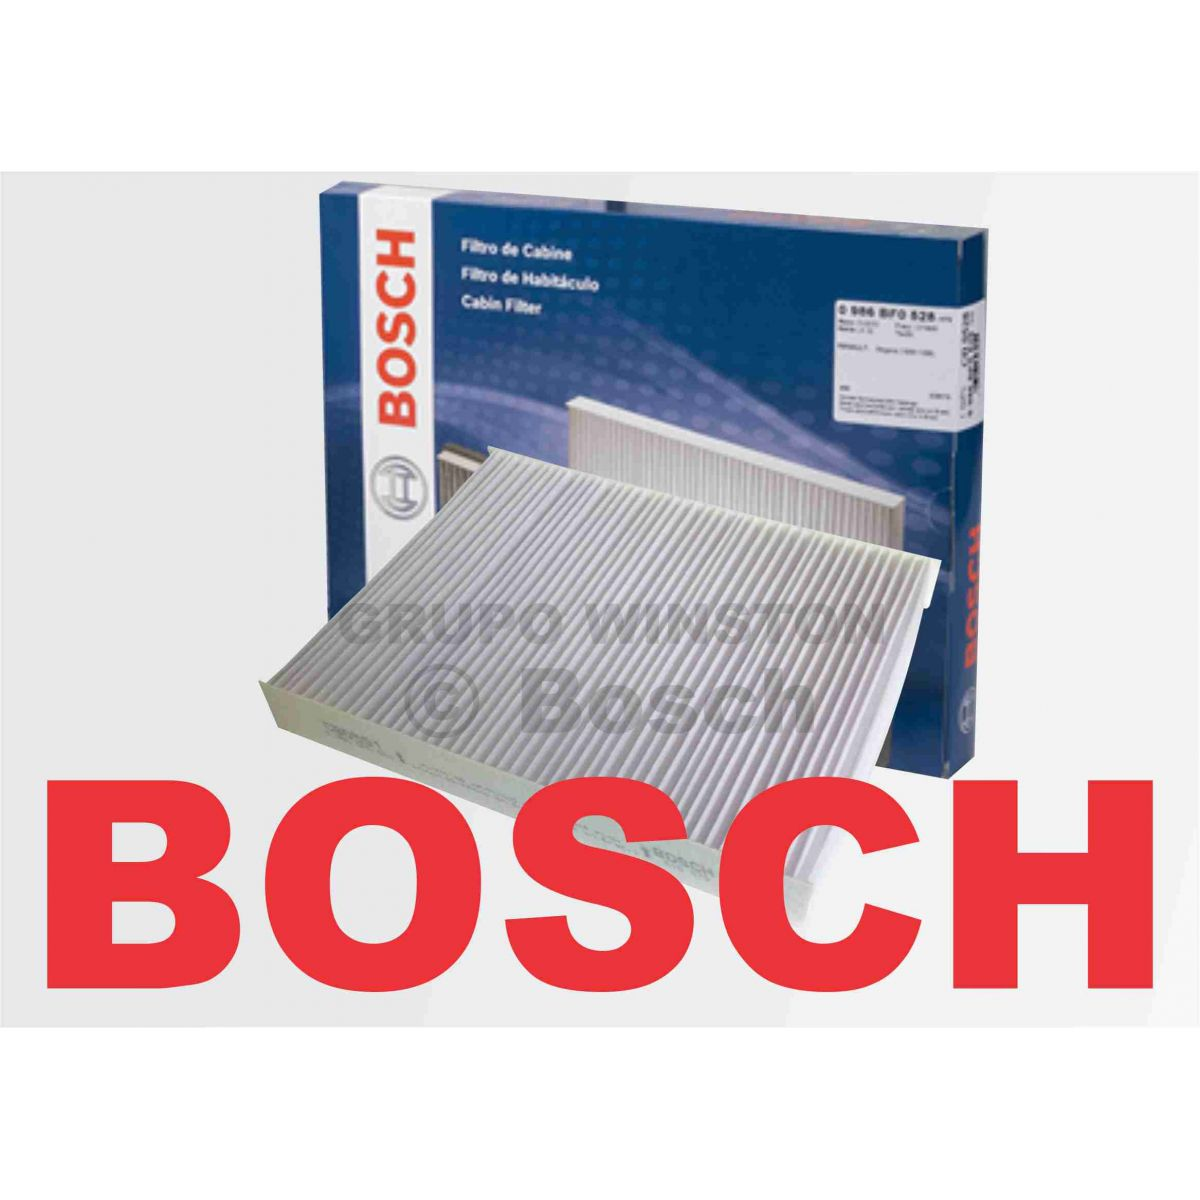 Filtro Ar Condicionado Bosch Renault Megane